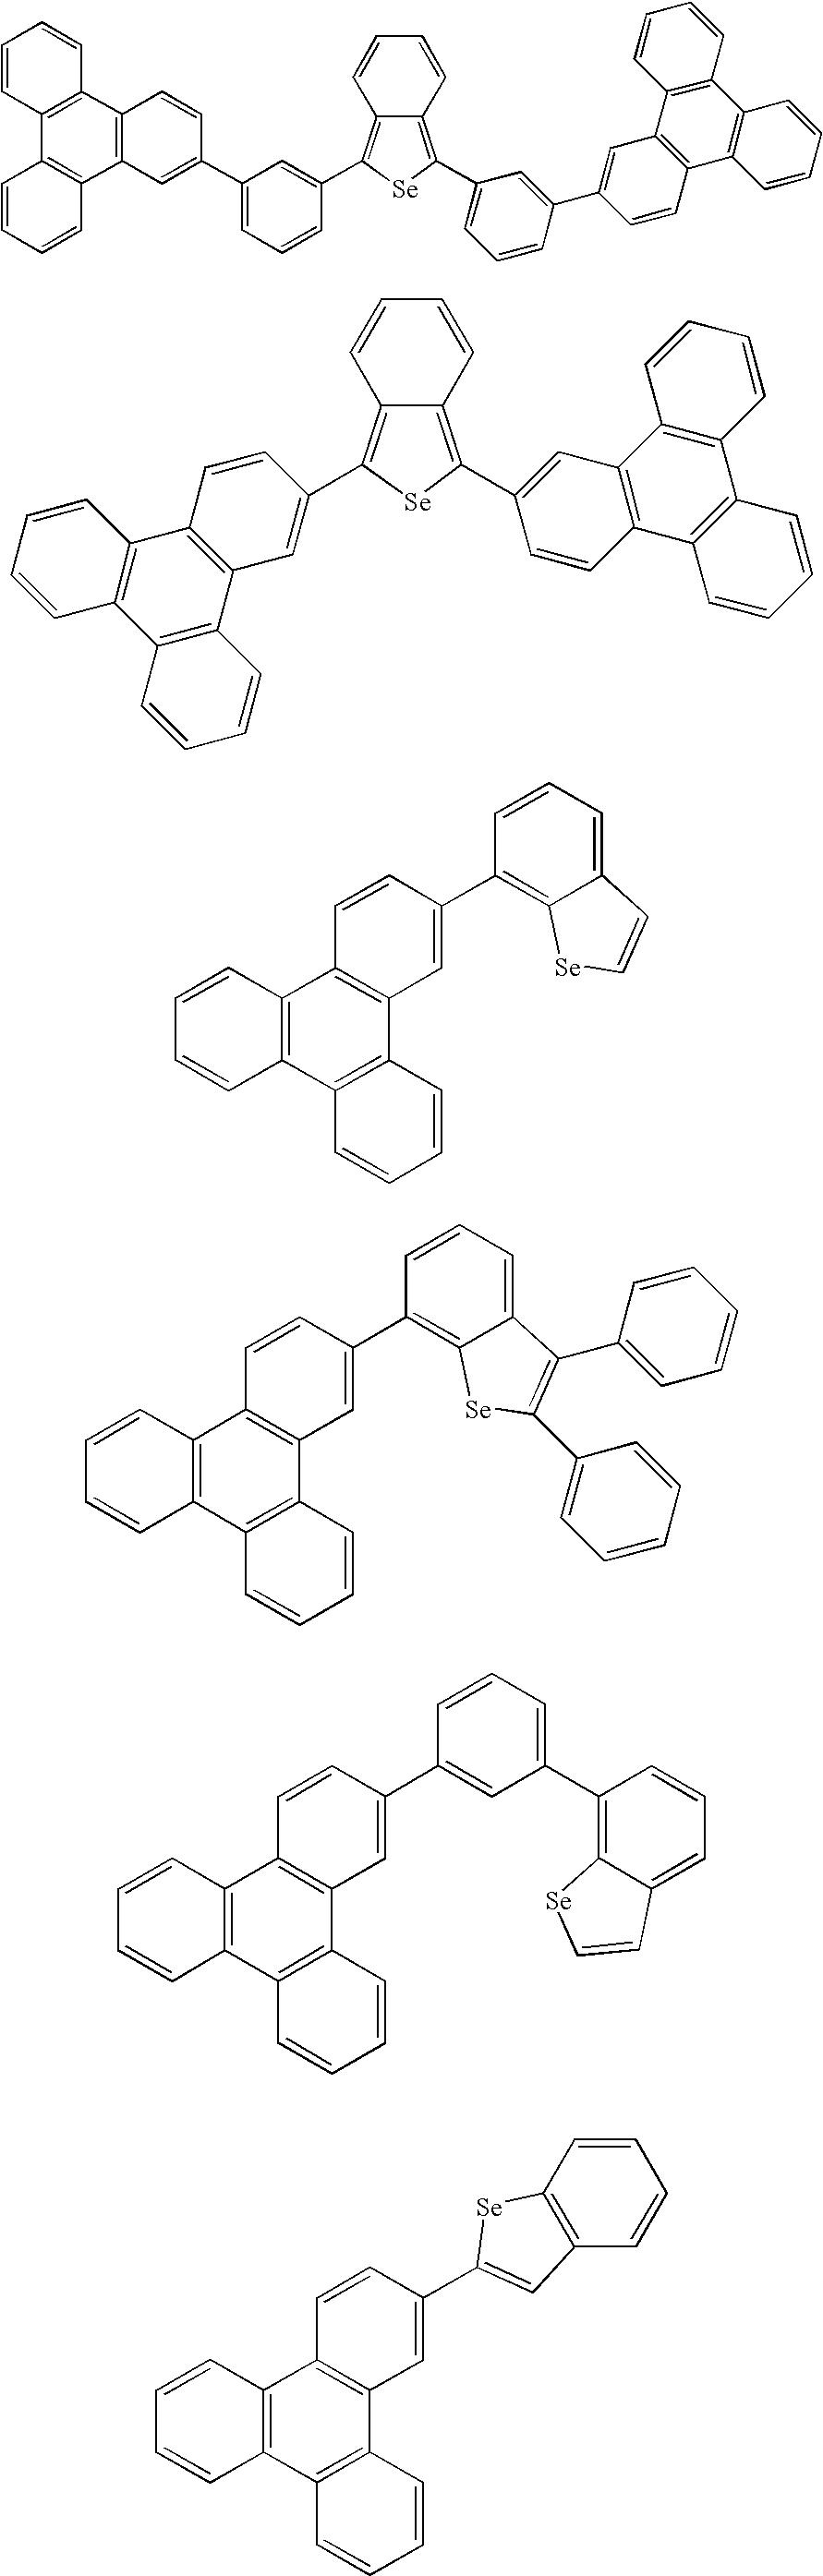 Figure US20100072887A1-20100325-C00254